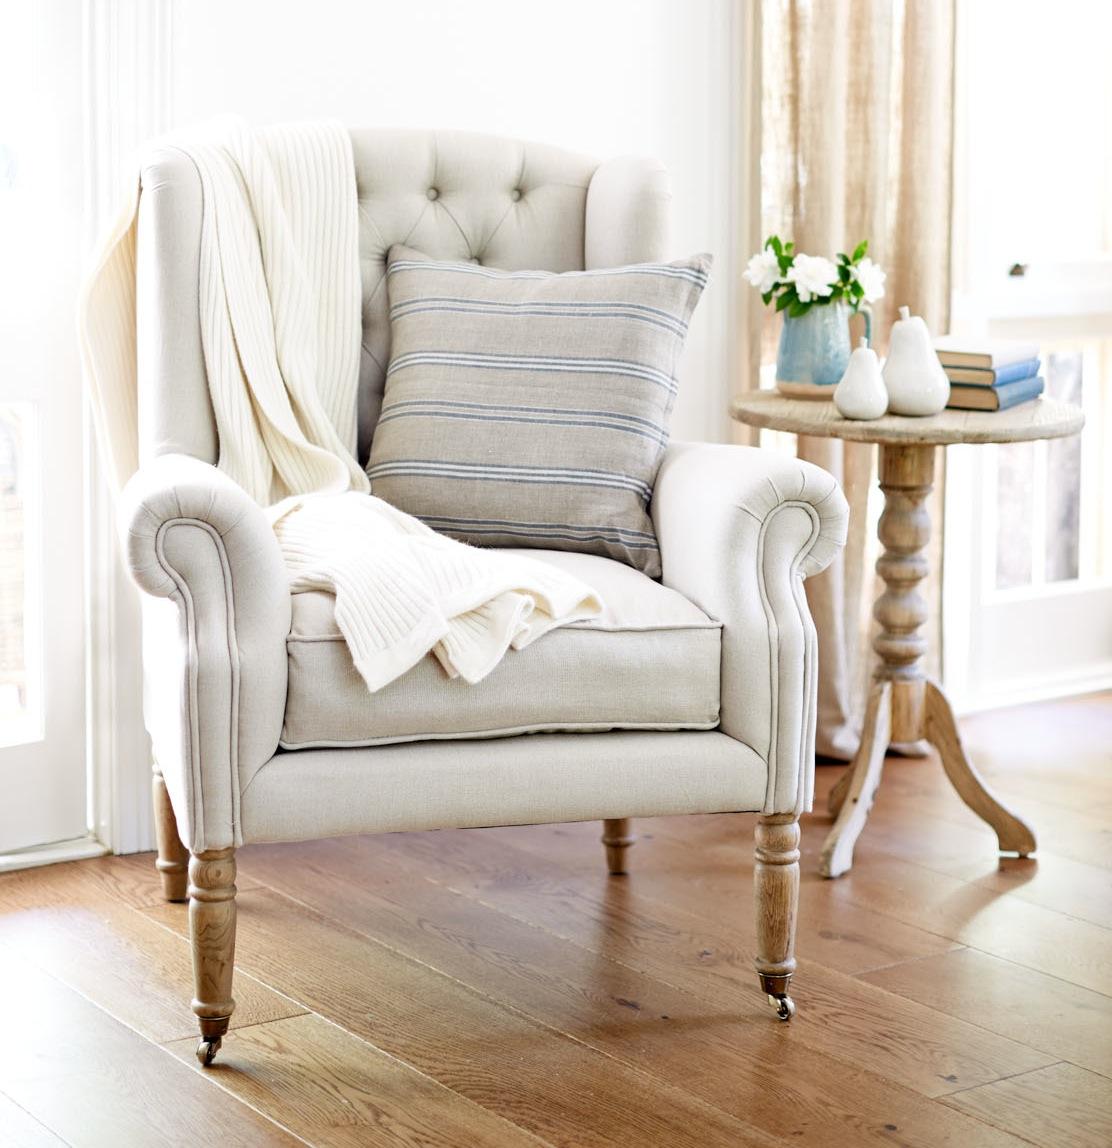 Кресло в стиле прованс на фигурных ножках